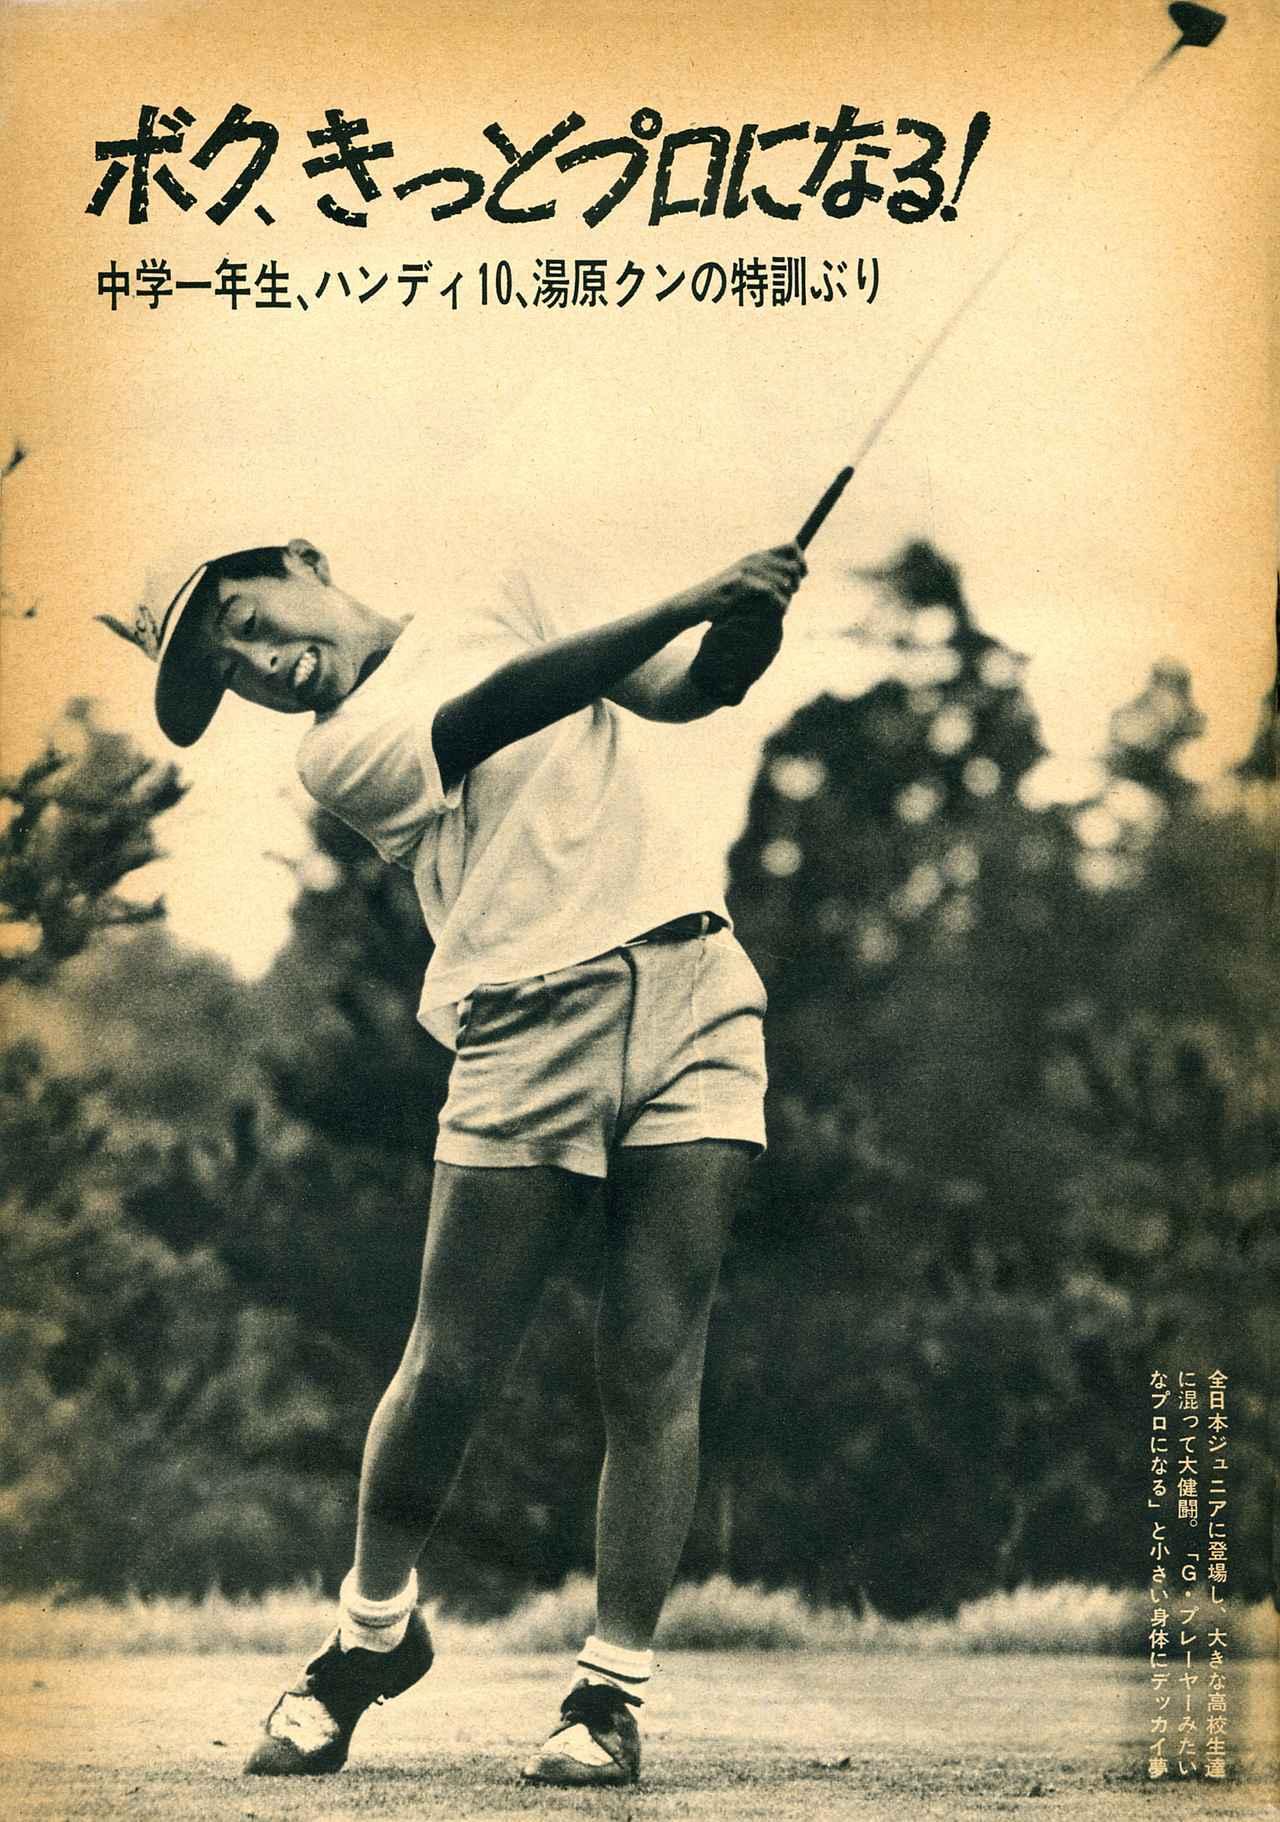 画像: 1970年、別冊ゴルフダイジェスト10月10日号に掲載された、中学1年の湯原少年。両足が大地を蹴り、左ひざをピンと伸ばして飛ばしている